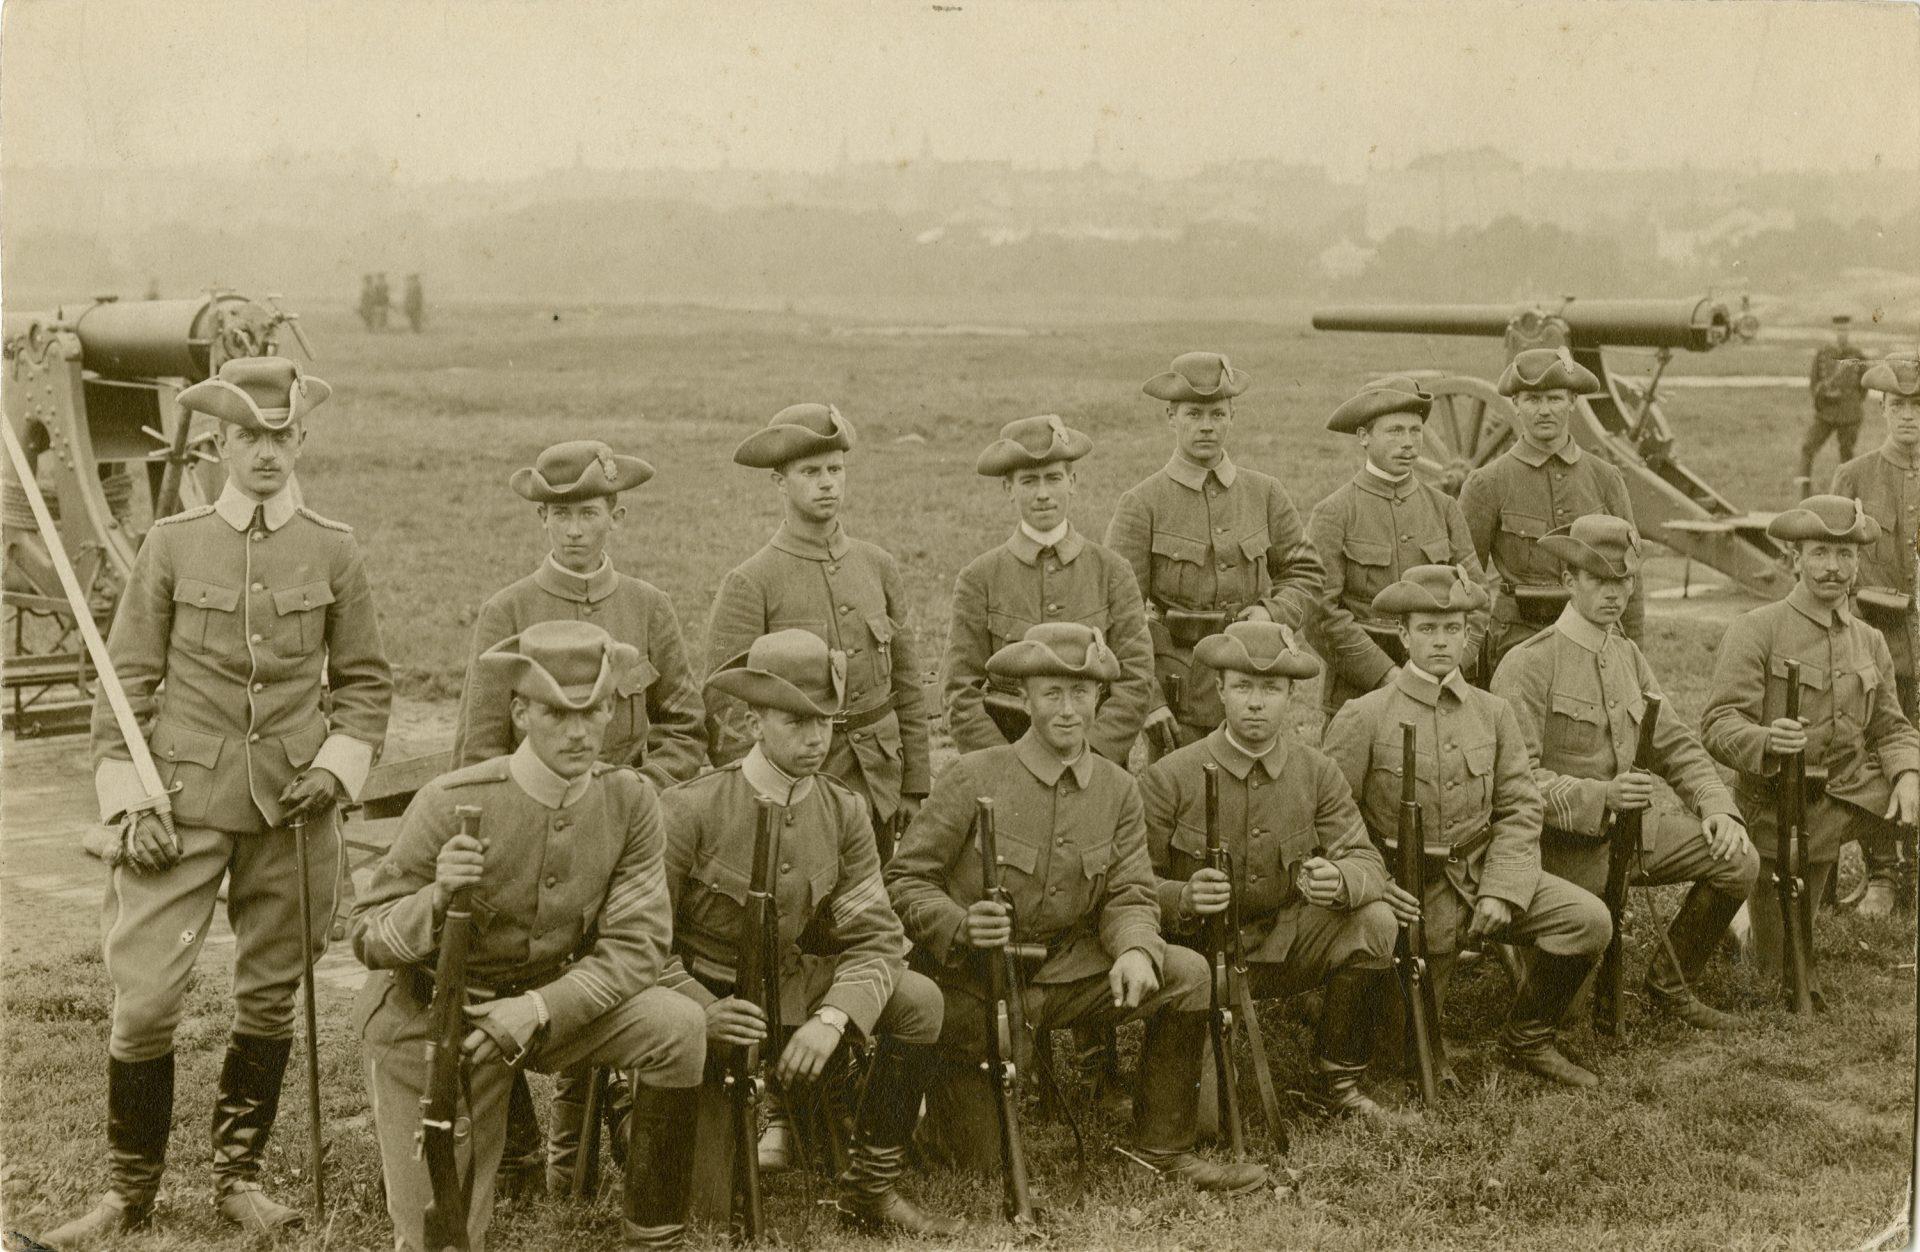 Gammalt foto på soldater med gevär i händerna framför en kanon